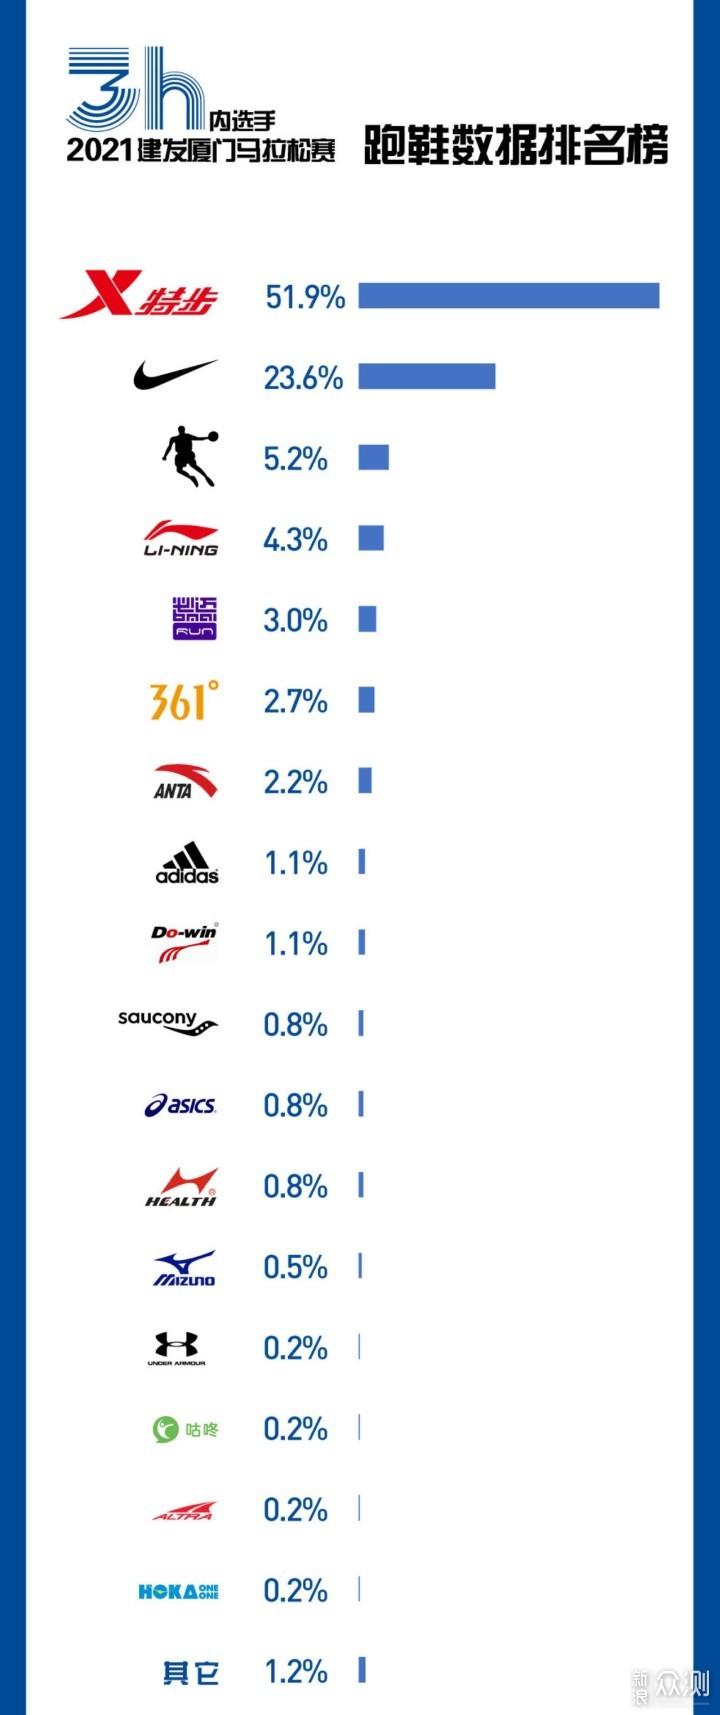 #健身#收藏向!了解一下优秀的国产碳板跑鞋吧_新浪众测